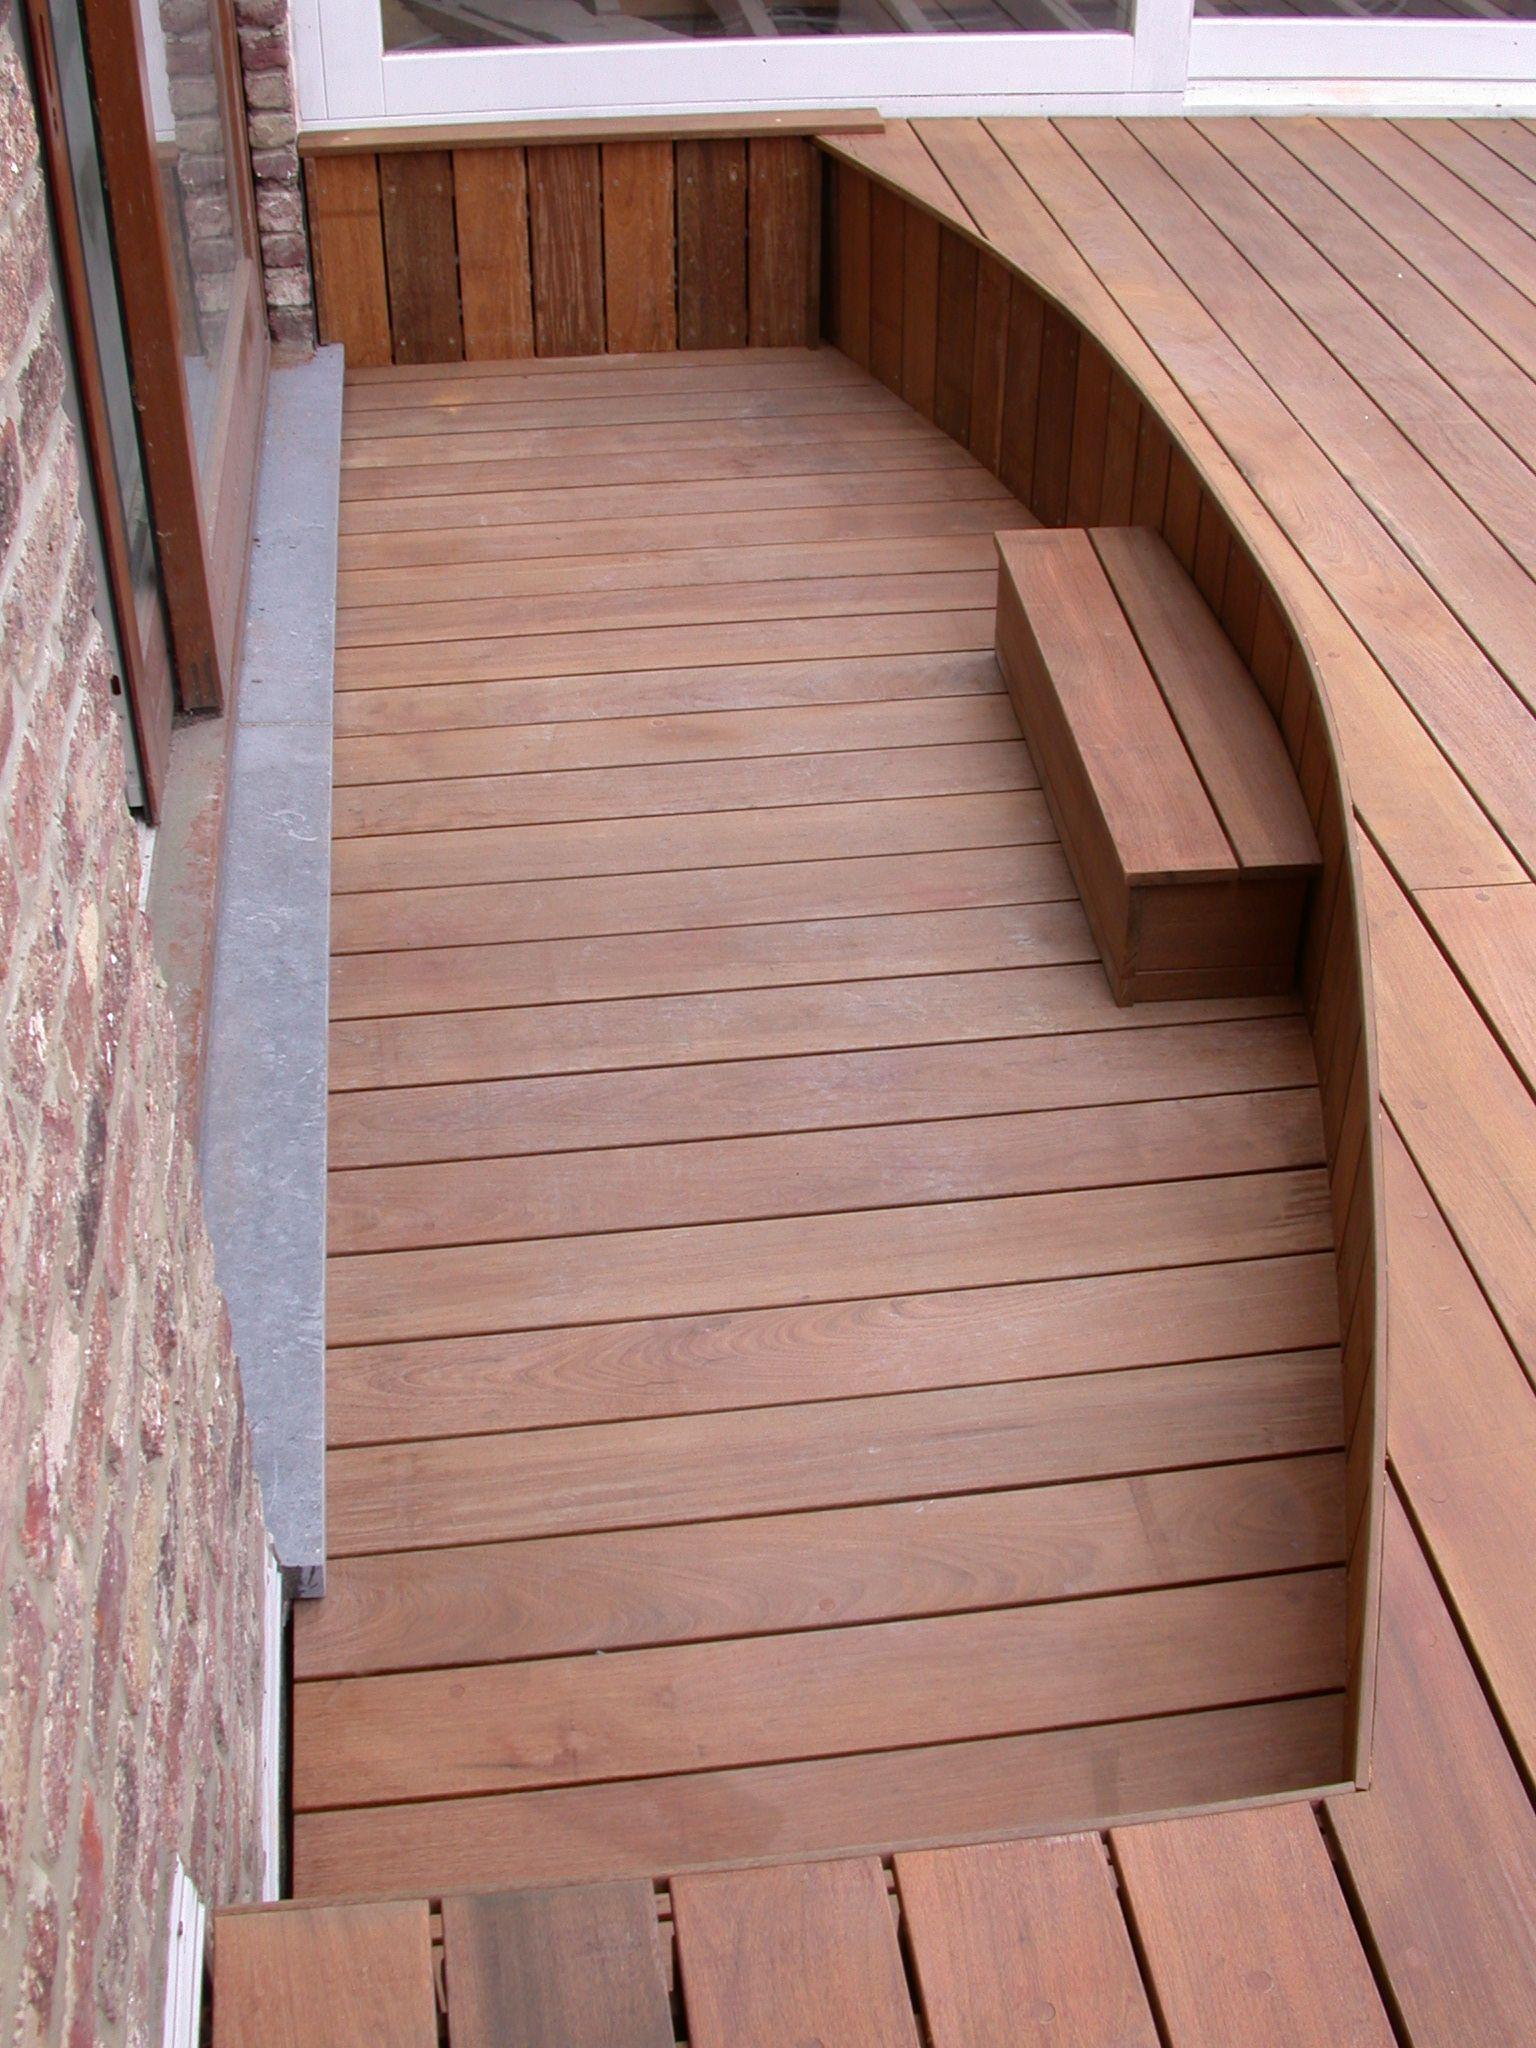 terrasse en bois padouk fixations visseries invisibles hapax terrasse en bois hapax. Black Bedroom Furniture Sets. Home Design Ideas